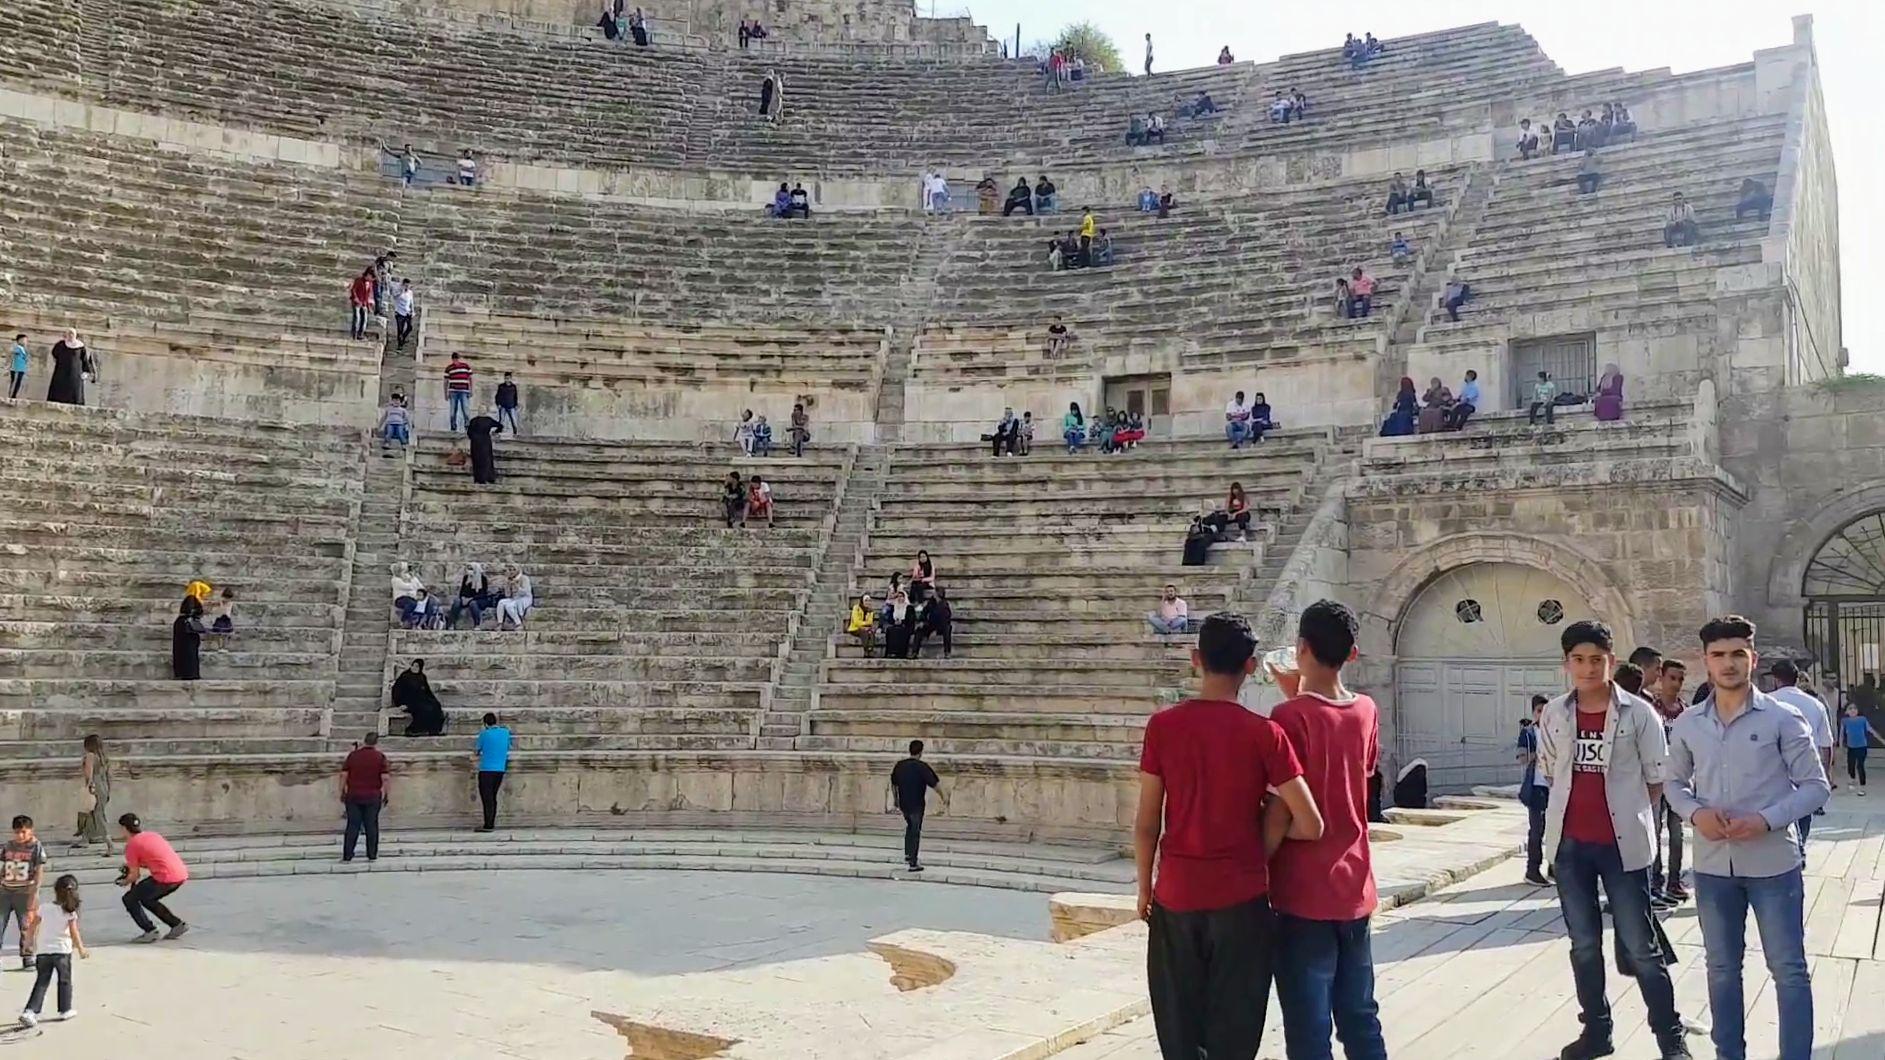 Amfiteatr rzymski